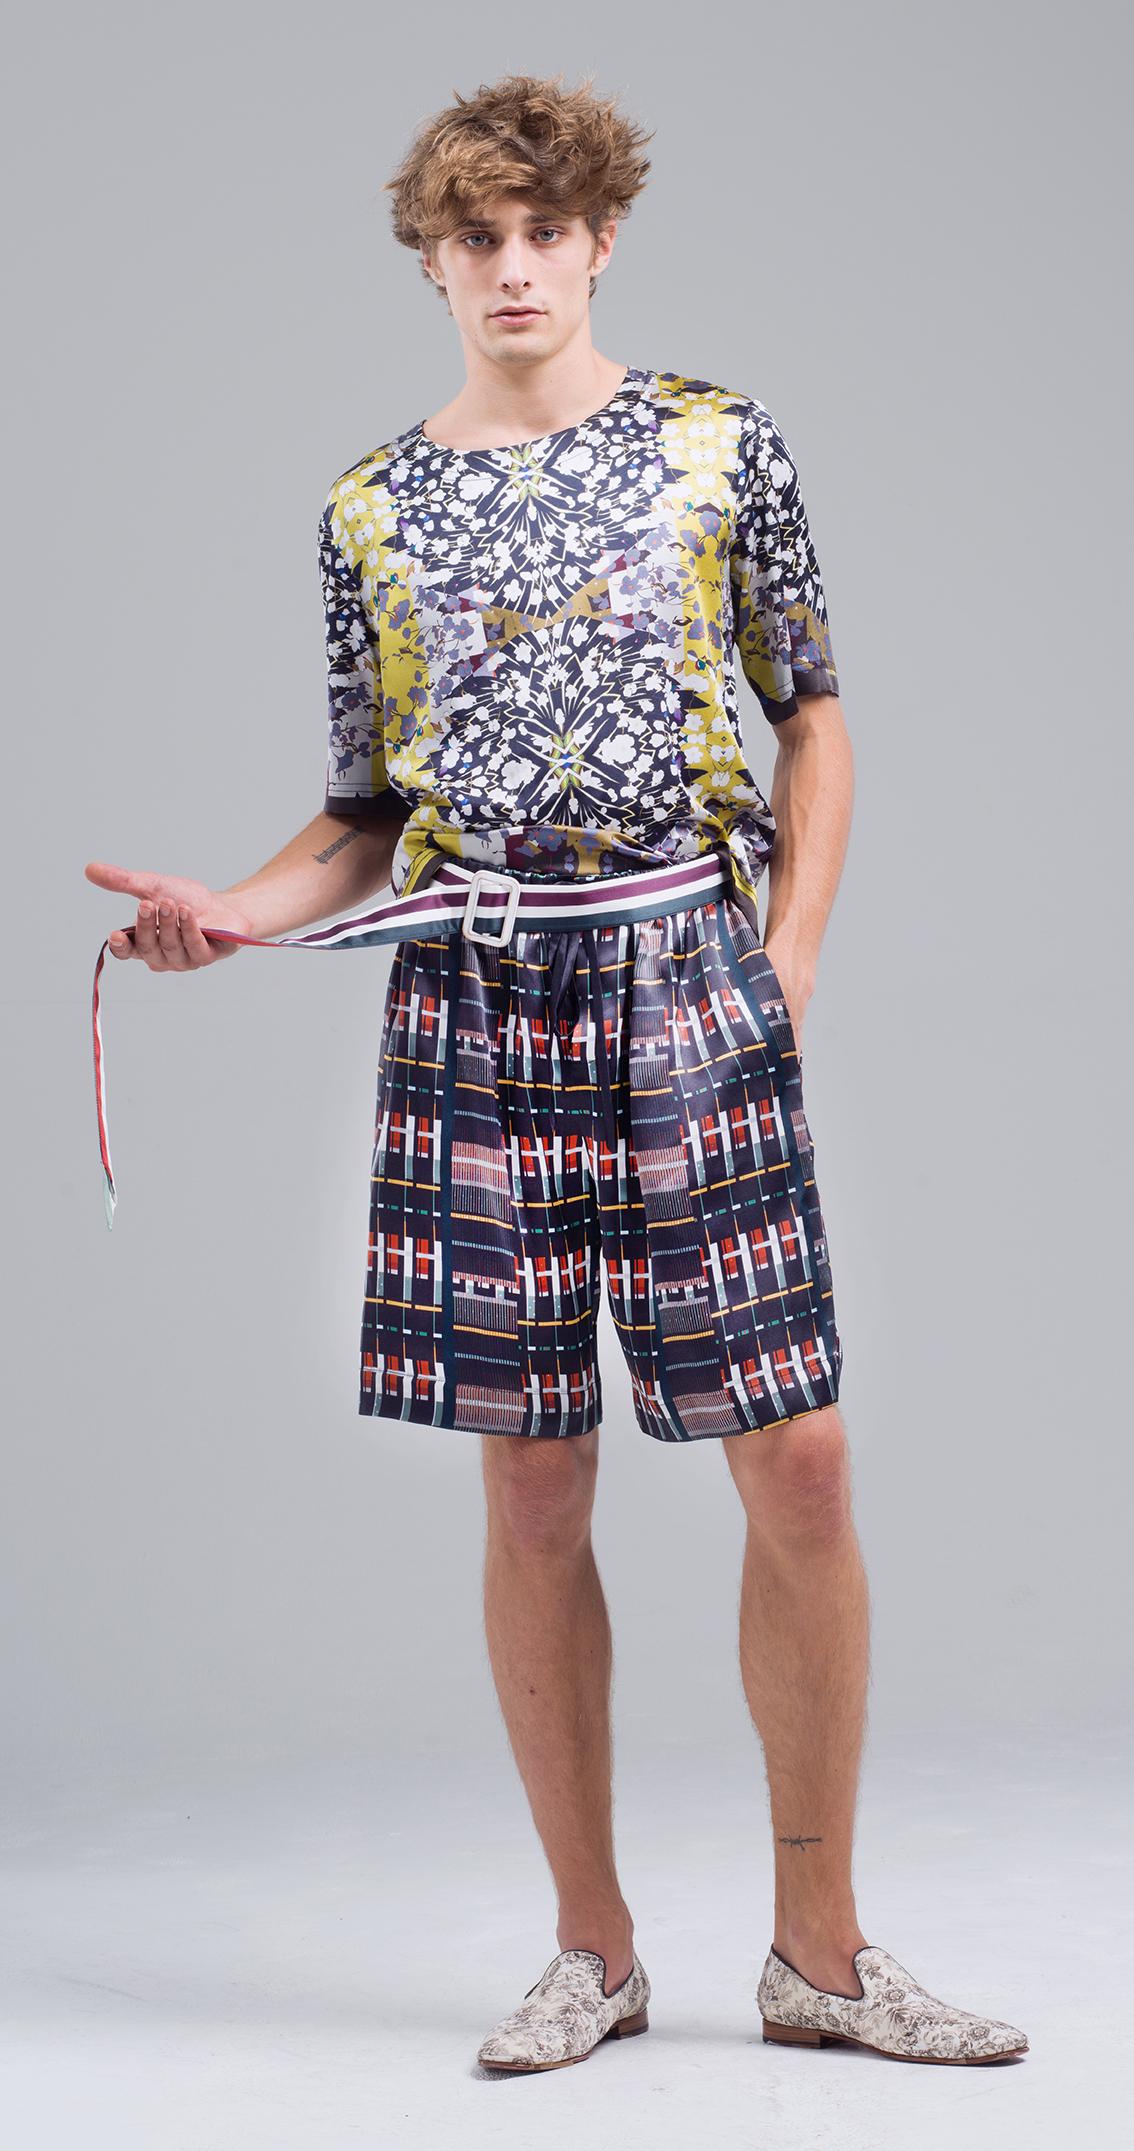 Meng-Loungewear-menswear-luxury-printed-silk-tshirt-shorts-geometric- checks-black-yellow-red6-fashion.jpg